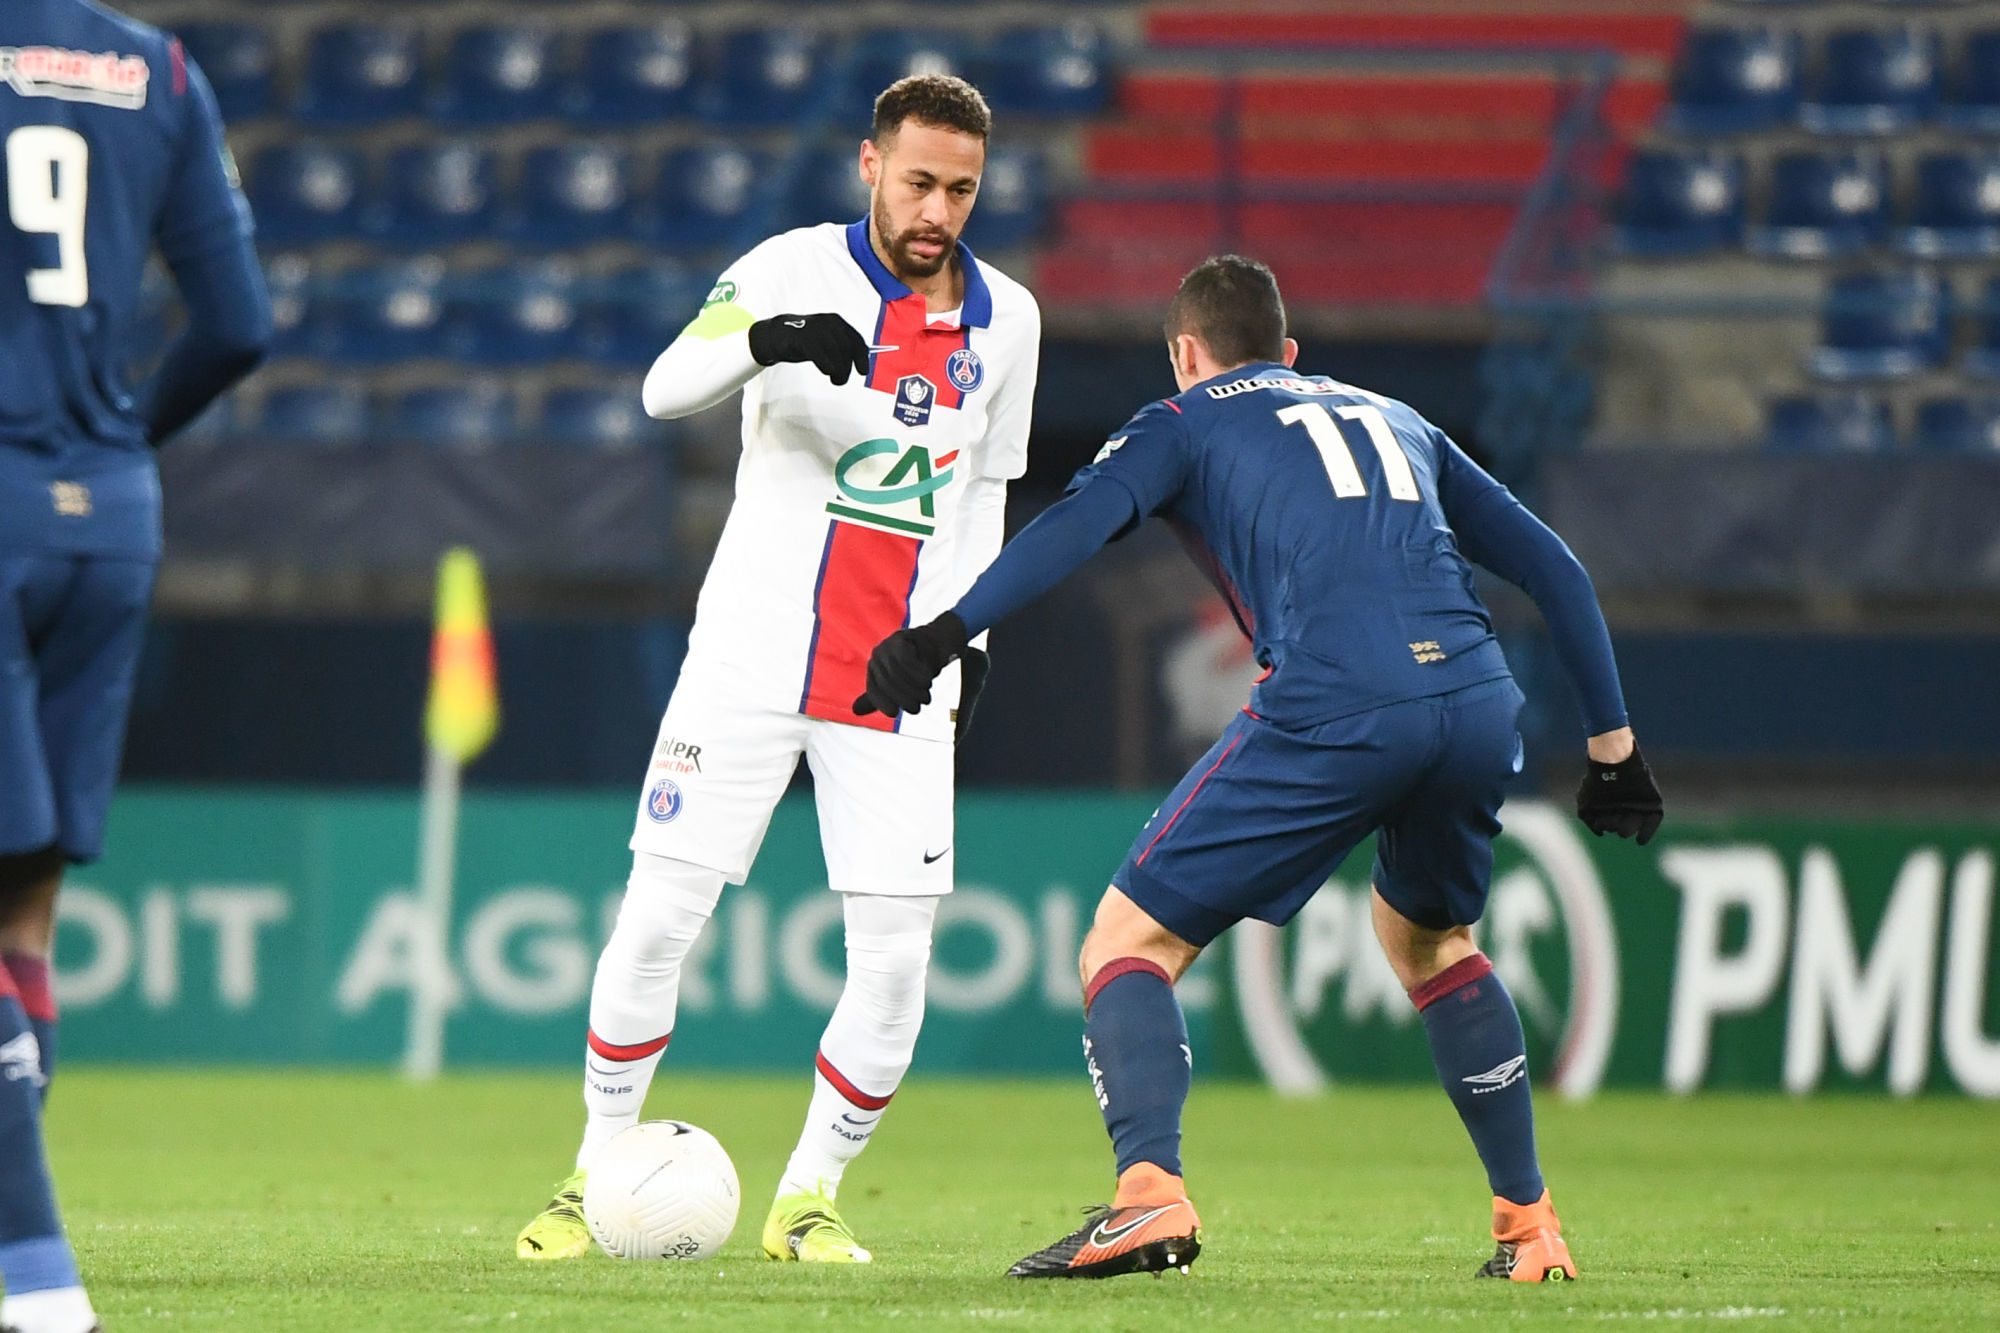 Neymar «doit jouer beaucoup plus simple dans pas mal de situations», conseille Valbuena